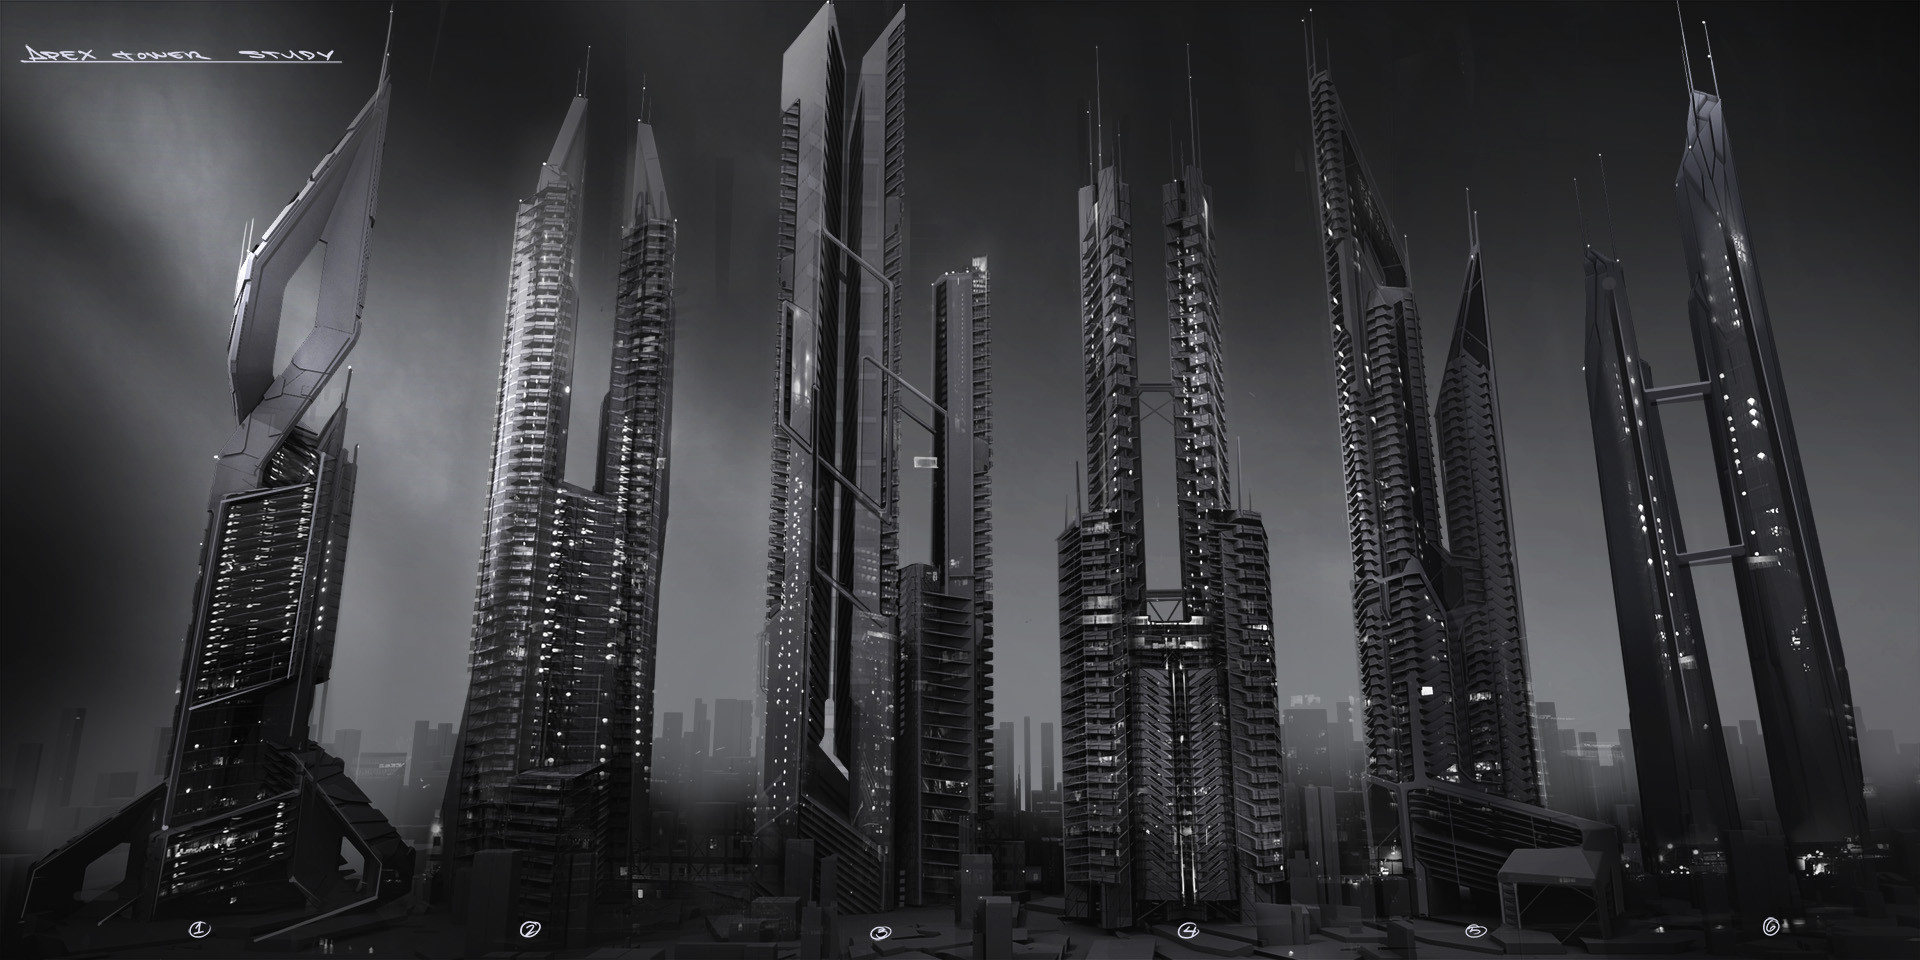 Deus Ex Concept Art - Mathieu Latour-Duhaime